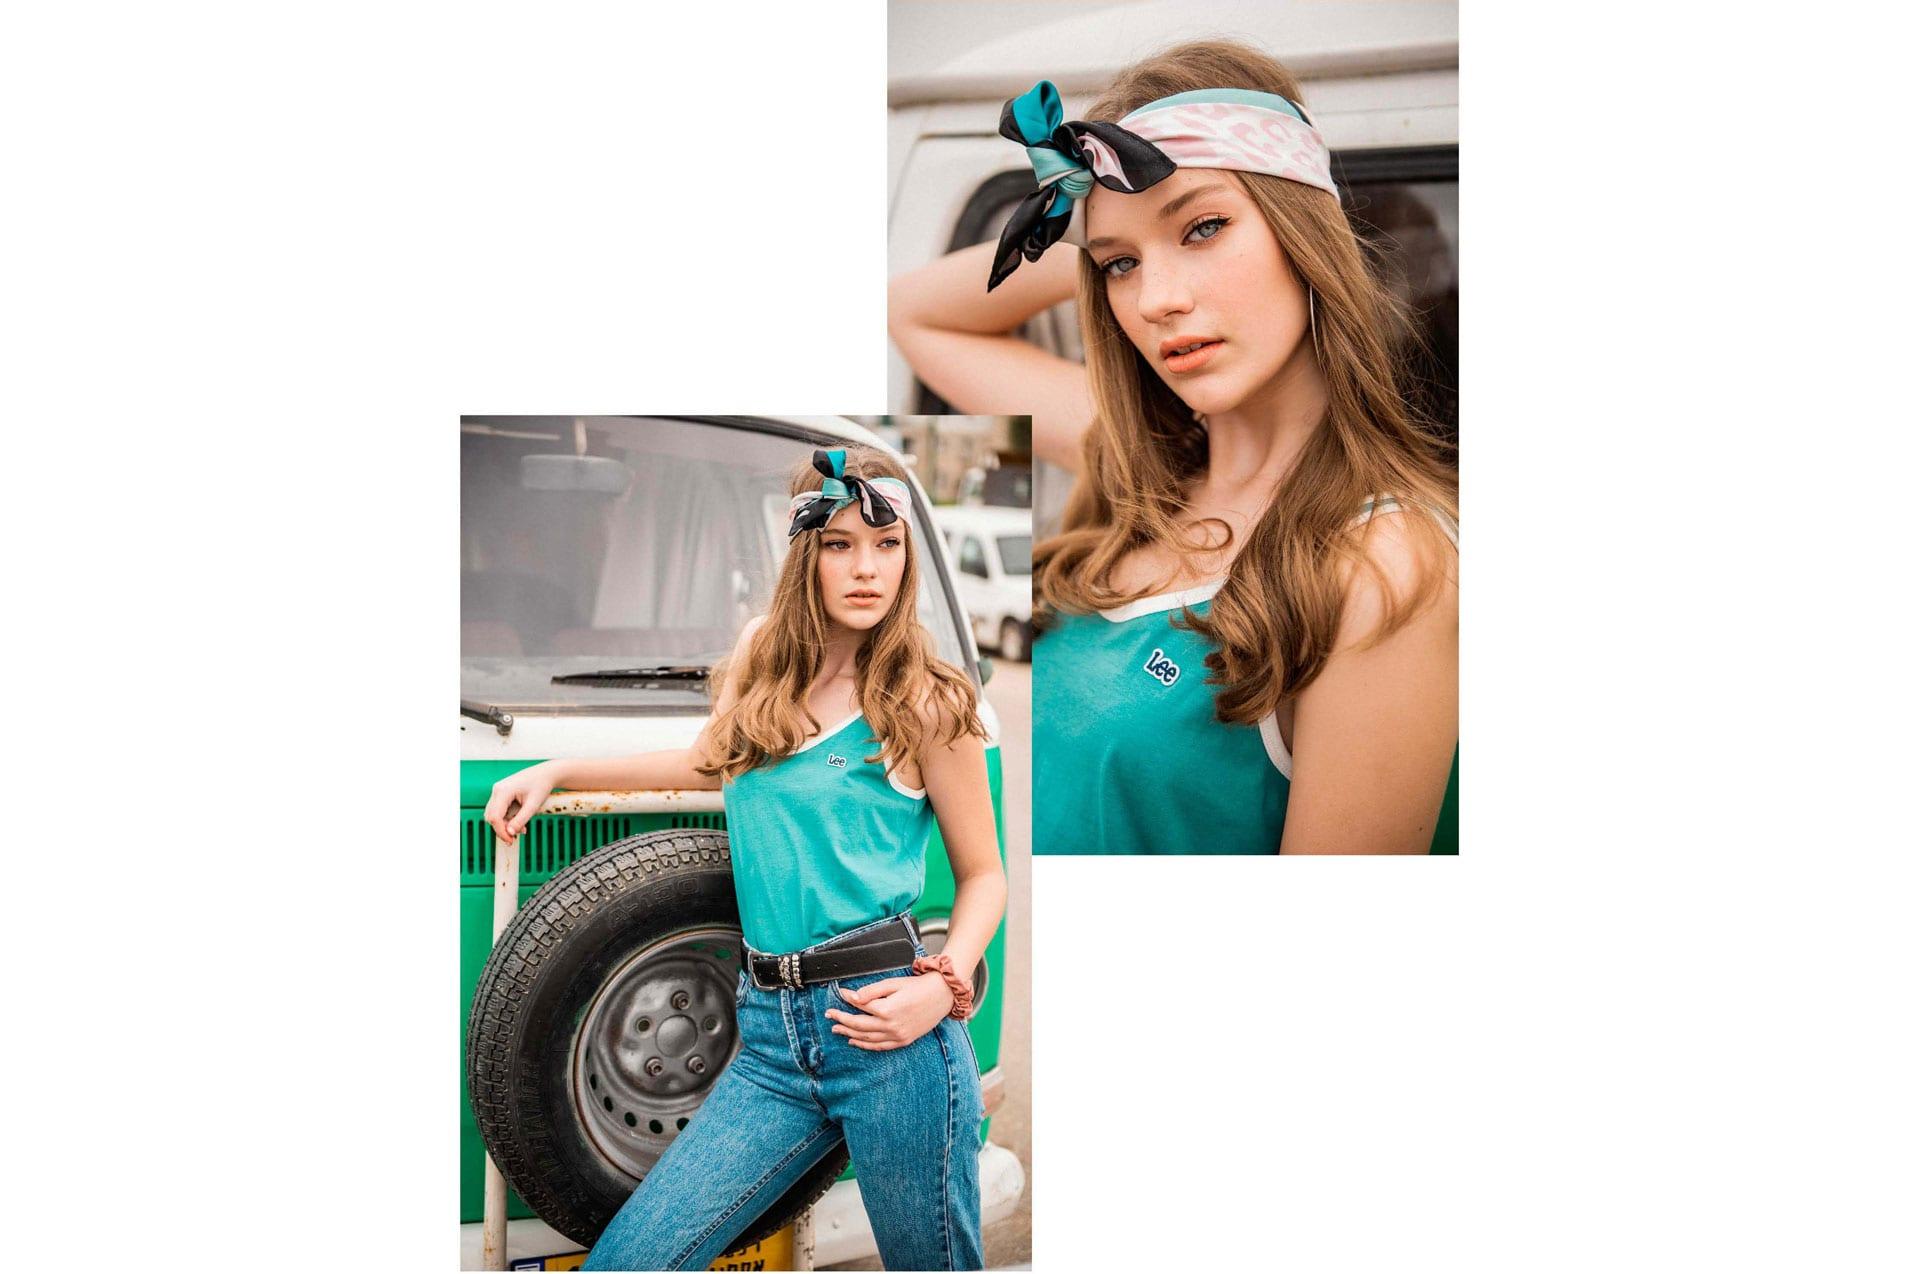 חולצה: פלמינגו (בוטיק וינטג׳), שמלה: stradivariusֿֿ, פאוץ׳: פלמינגו (בוטיק וינטג׳), עגילים: Bershka, הפקת אופנה: צילום: דניס גרצקיס, איפור: רעות גיא, סטיילינג: אורי לשם, וידיאו: שני רייך, דוגמנית: מליסה אובסיאניקוב ל׳רוברטו׳, צולם ב-Dr bug, אופנה -7